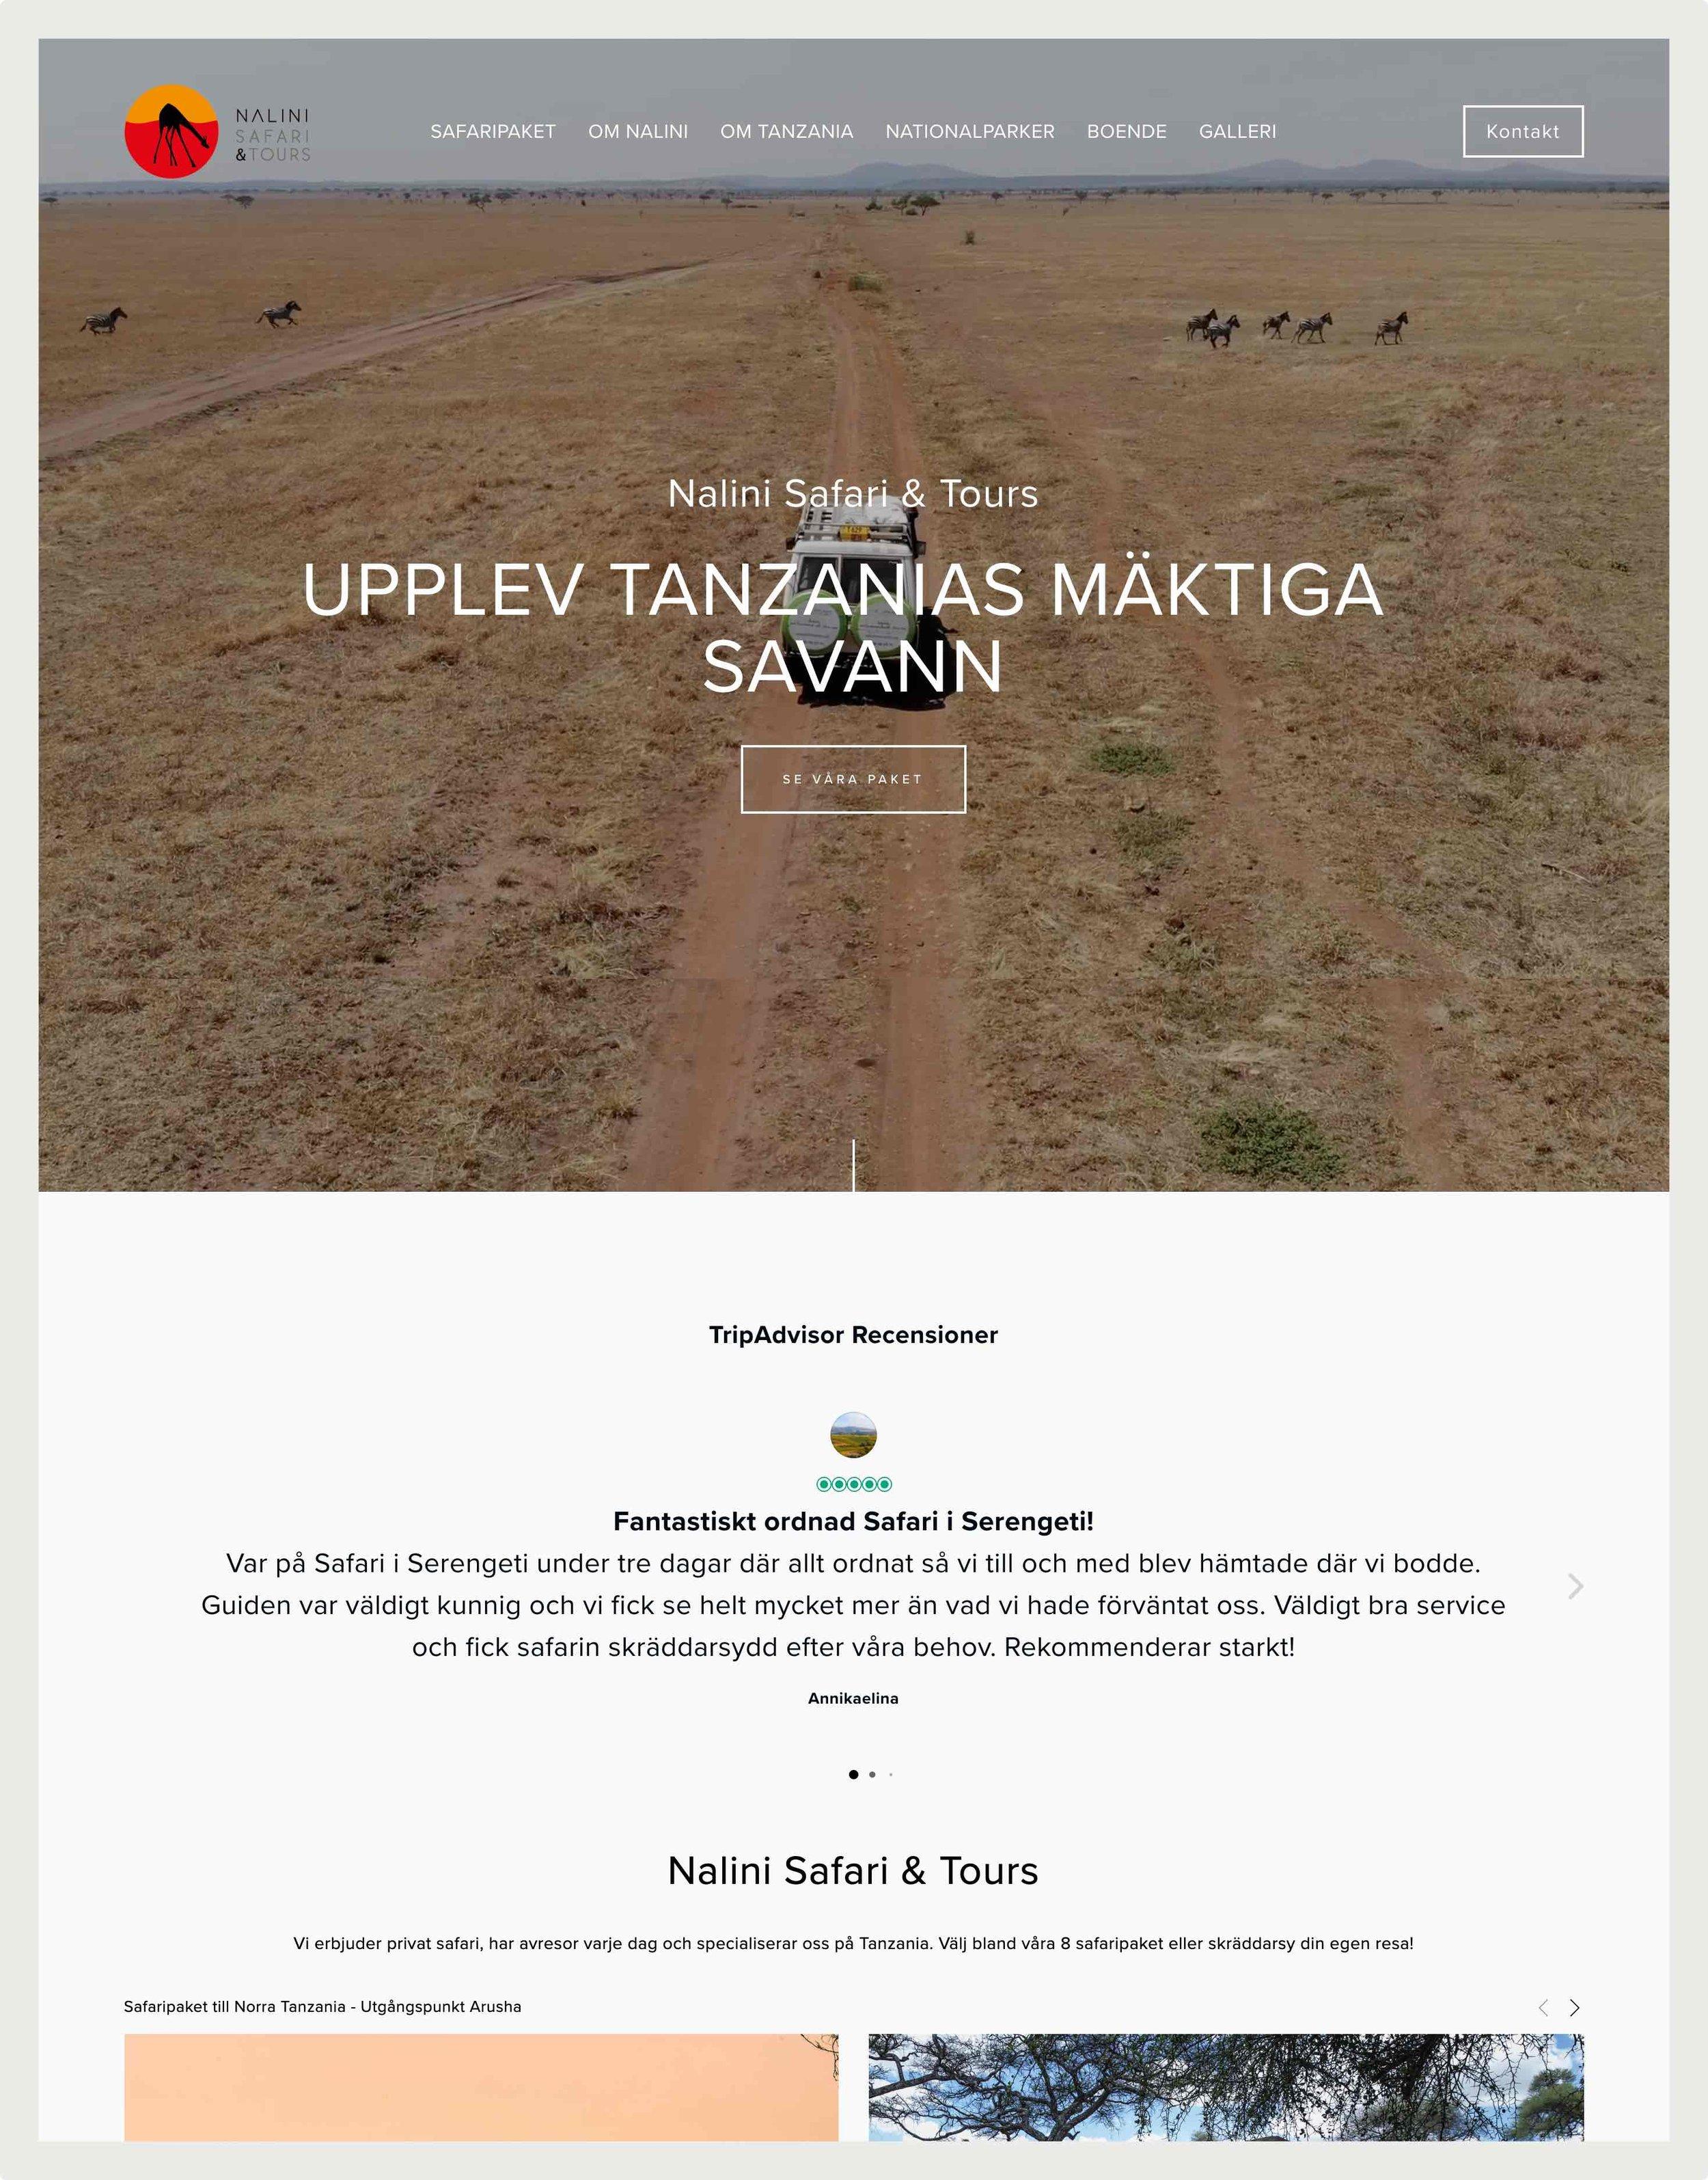 framtidens-webbyrå-uppdrag-webbplats-nalini-safari-tours.jpg